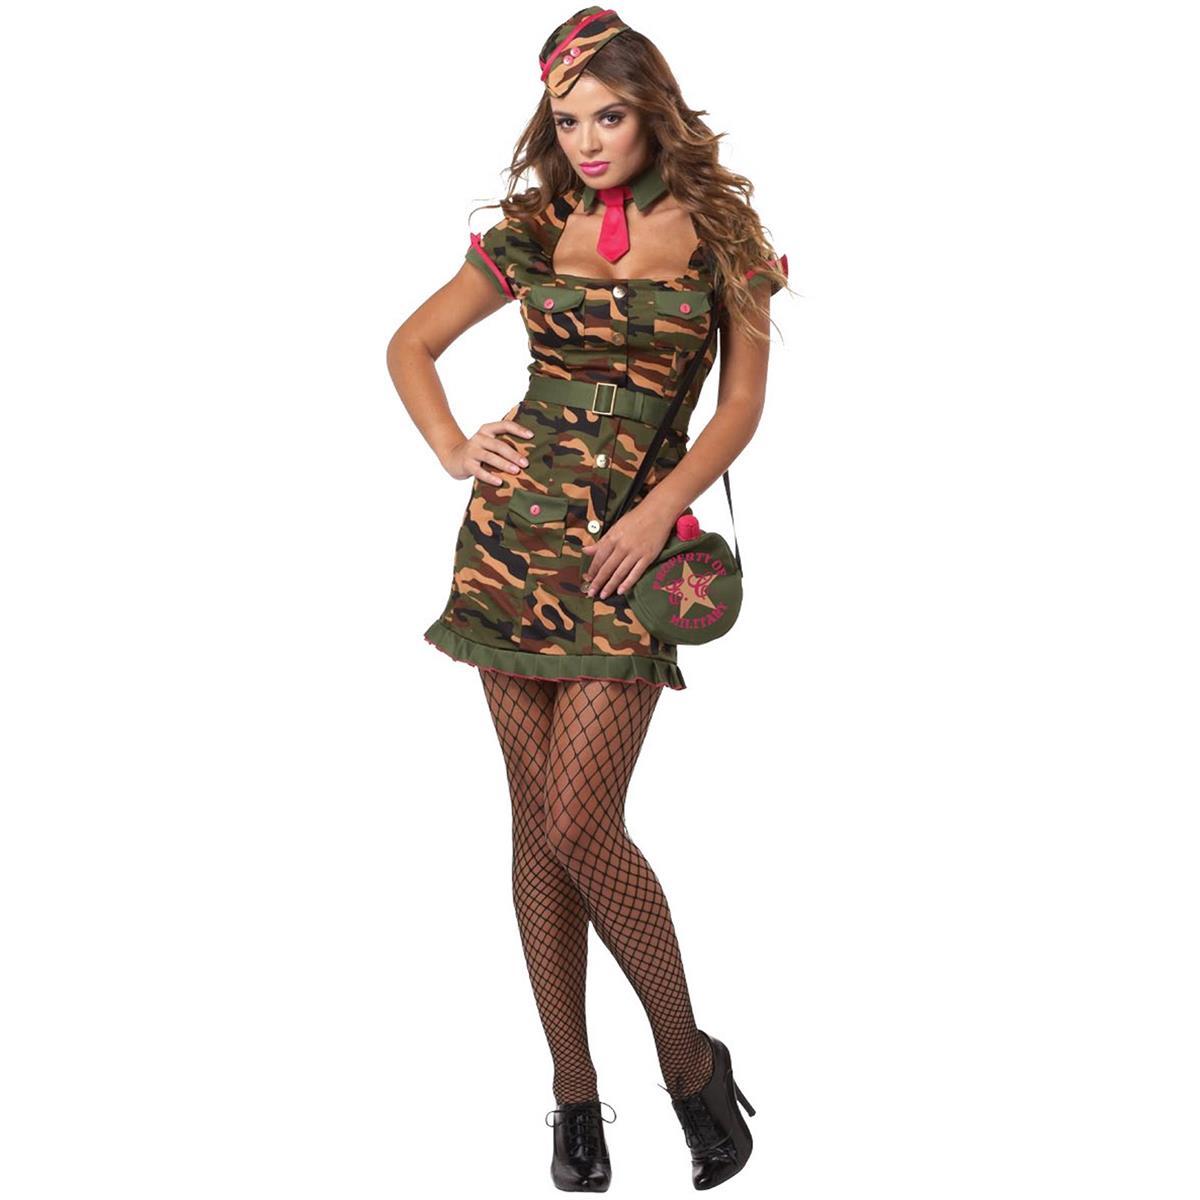 ミリタリー 制服 衣装 ハロウィン コスプレ セクシー プライベートファーストクラス 大人用コスチューム